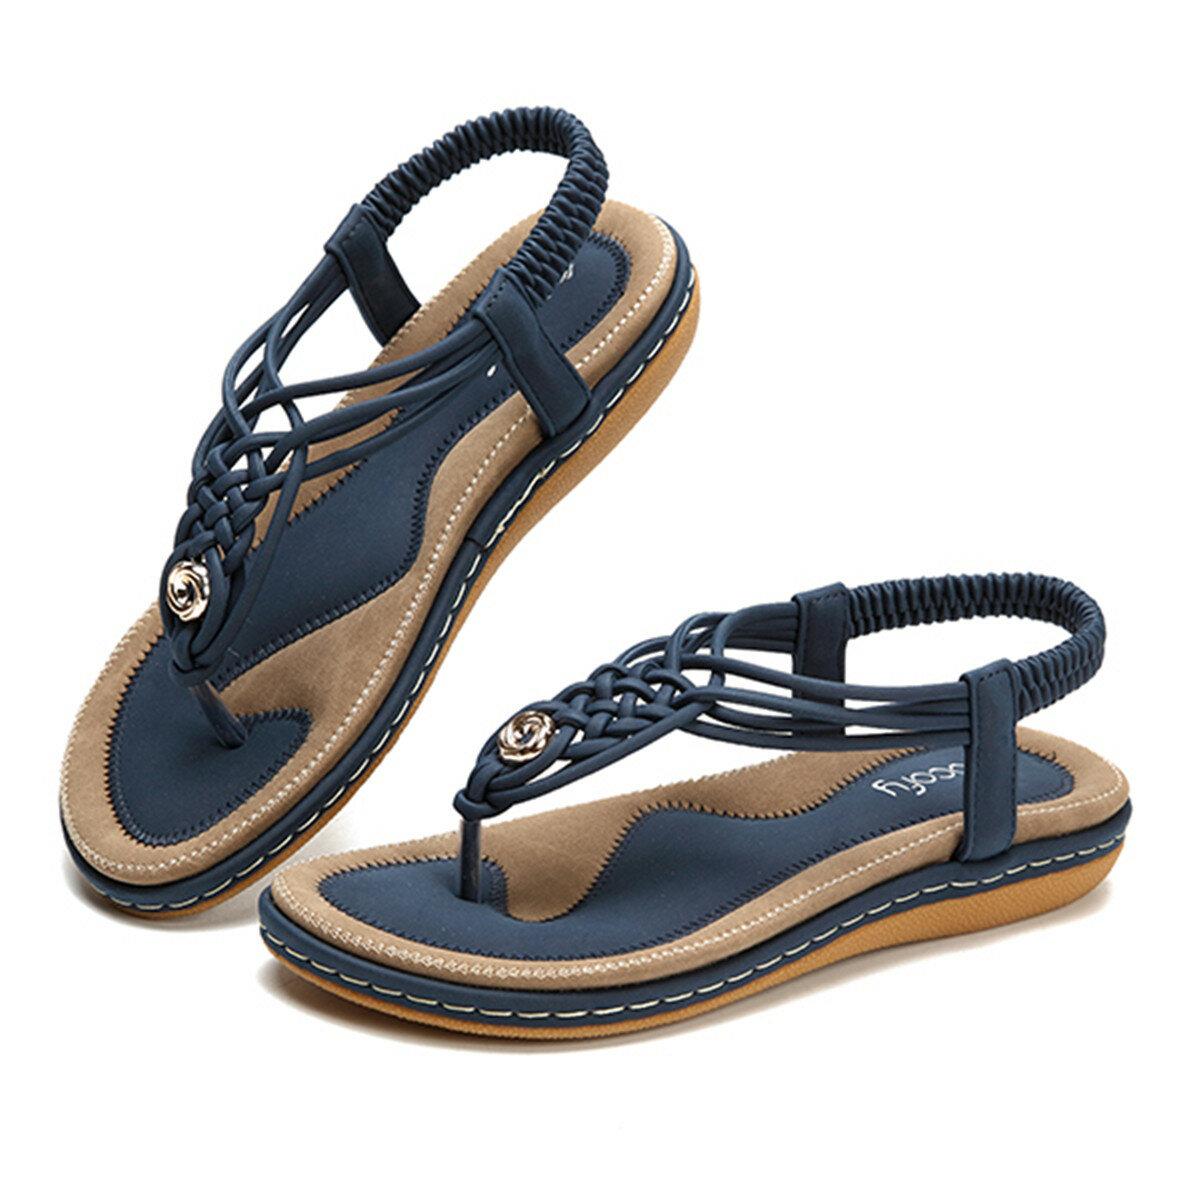 SOCOFY US Размер 5-13 Женское Обувь Вязаный Повседневный Soft Sole На открытом воздухе Пляжный Сандалии